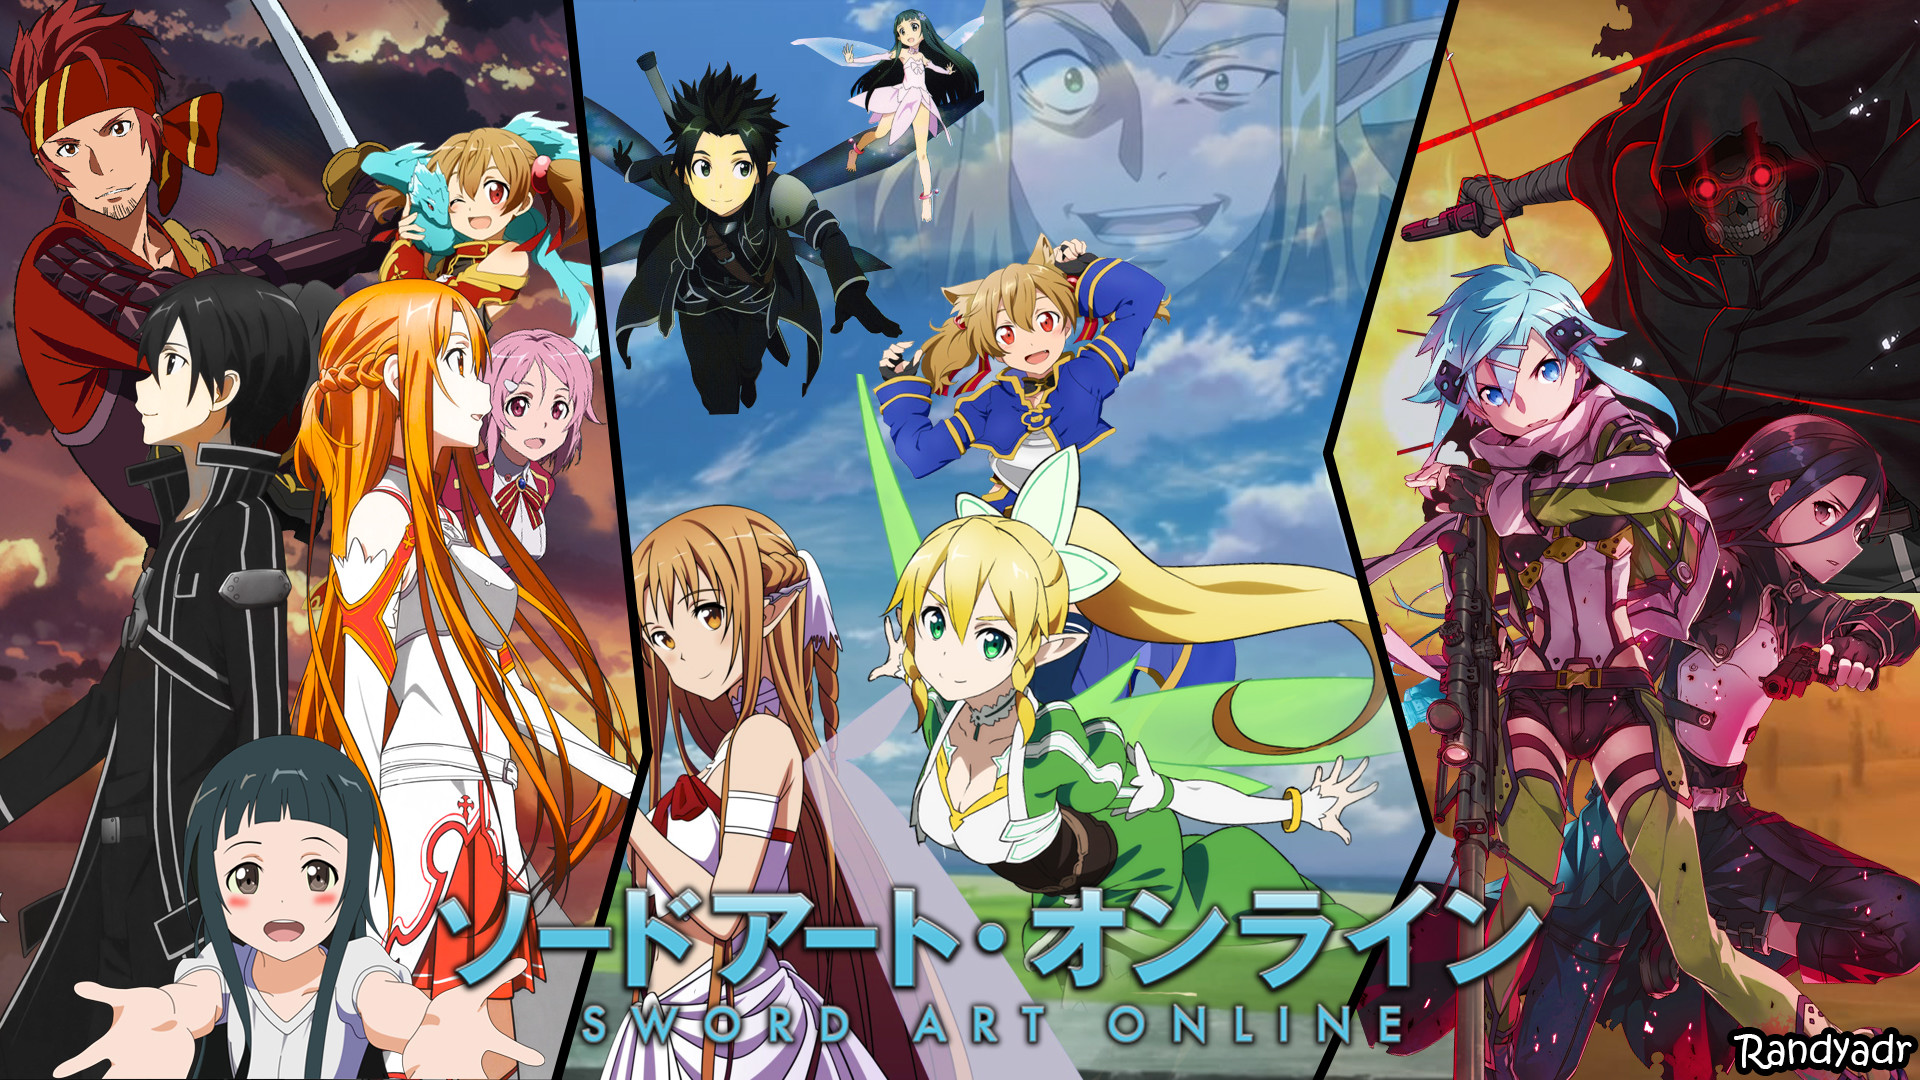 Sword Art line iPhone Wallpaper 73 images